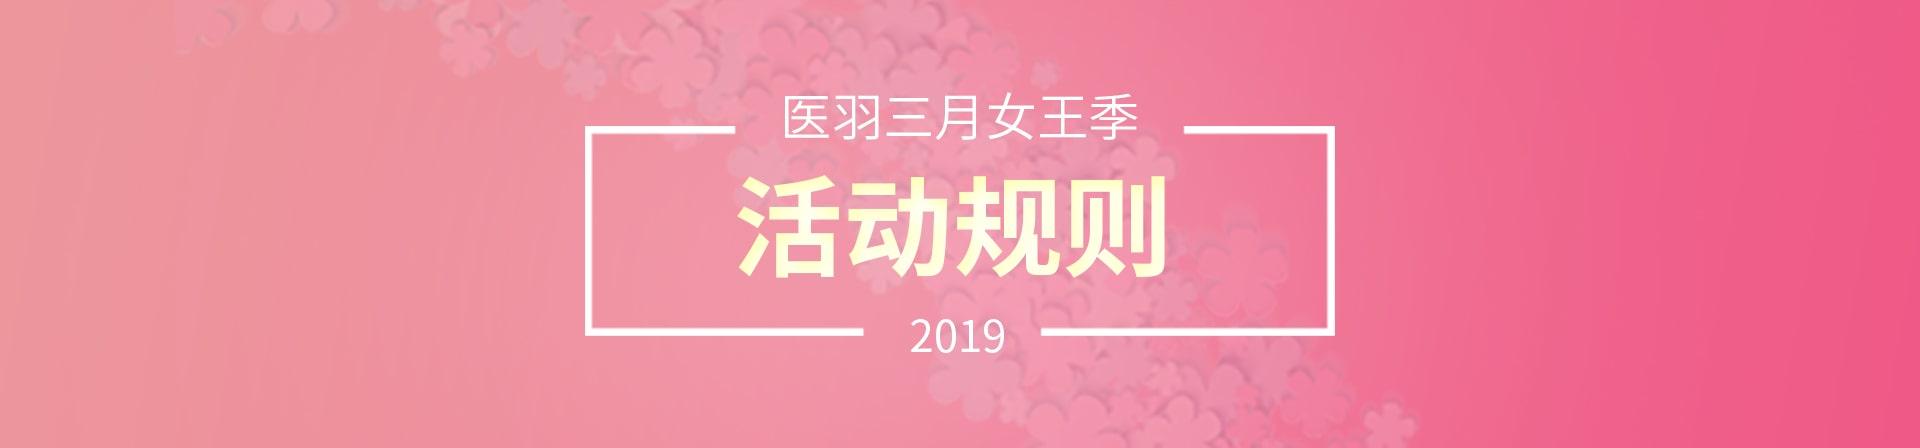 医羽38女王节活动规则